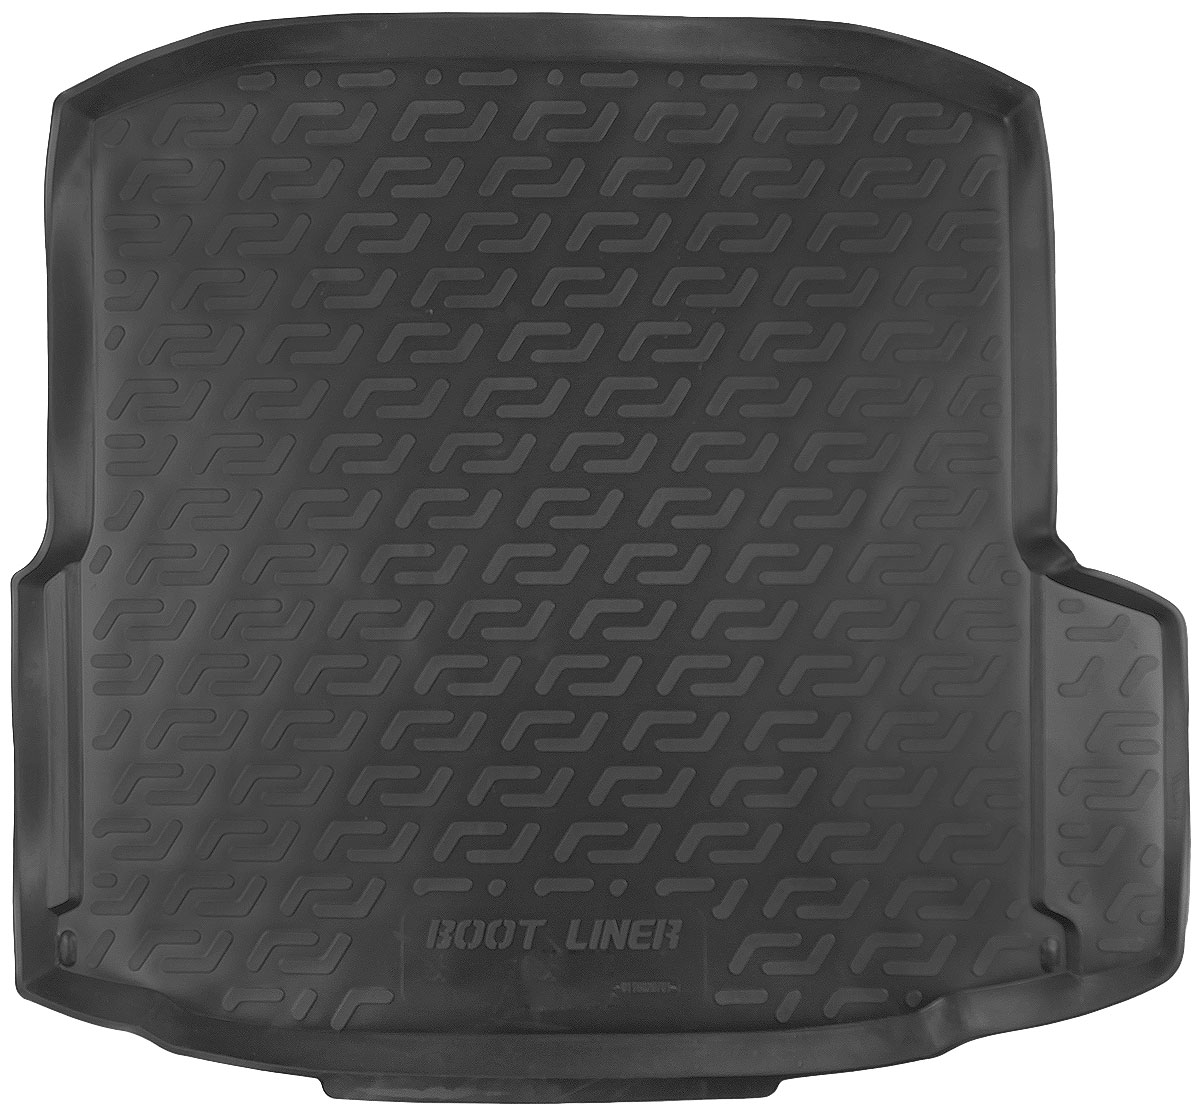 Коврик в багажник L.Locker, для Skoda Octavia III (13-)98293777Коврик L.Locker производится индивидуально для каждой модели автомобиля из современного и экологически чистого материала. Изделие точно повторяет геометрию пола автомобиля, имеет высокий борт, обладает повышенной износоустойчивостью, антискользящими свойствами, лишен резкого запаха и сохраняет свои потребительские свойства в широком диапазоне температур (от -50°С до +80°С).